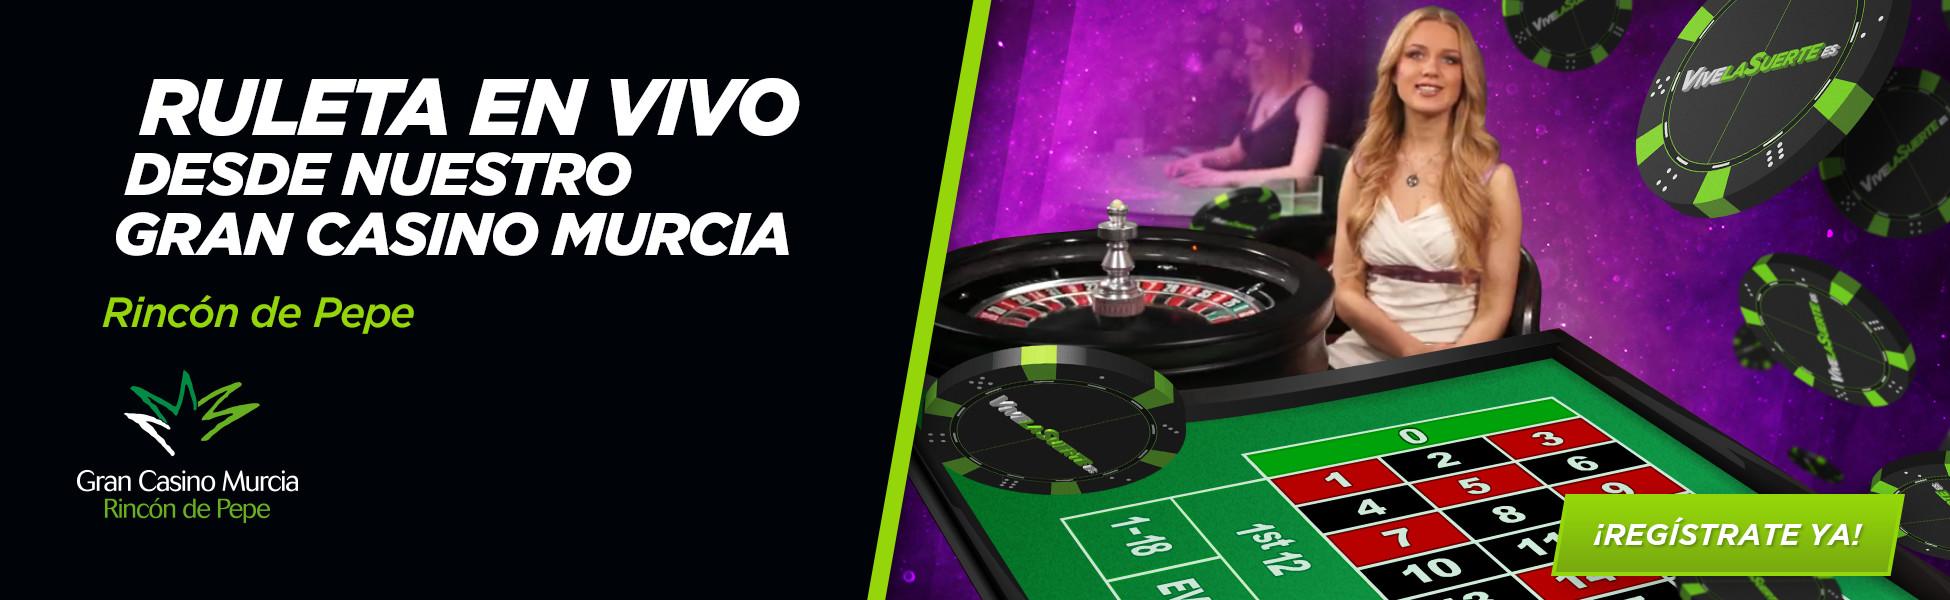 Ruleta en vivo gratis bonos sin deposito casino Salta-701667